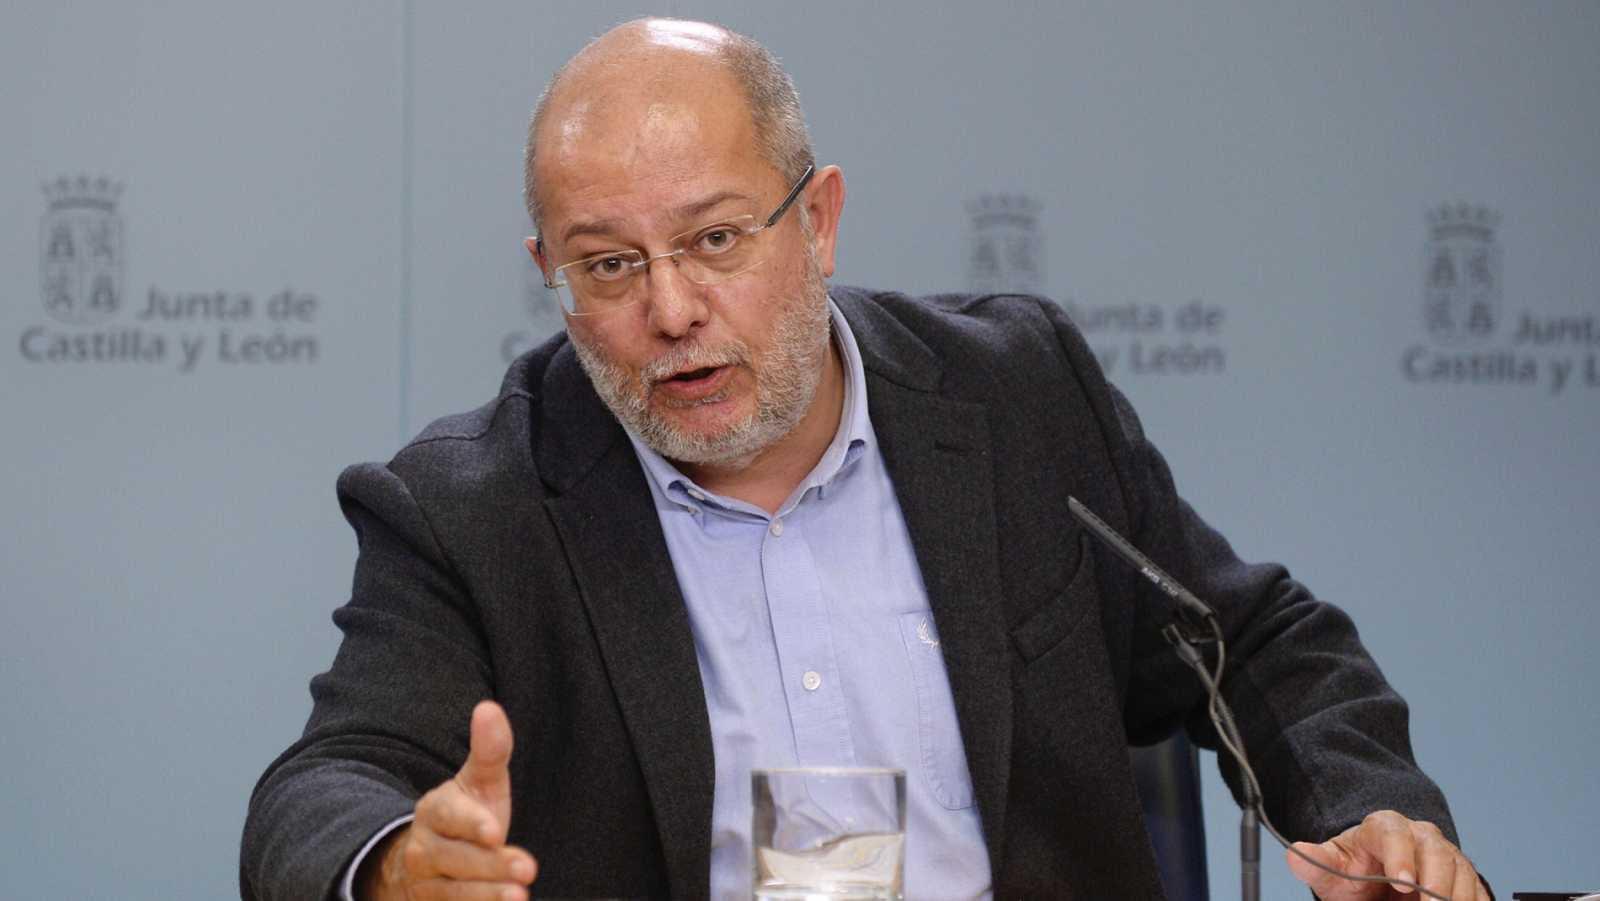 Francisco Igea presenta su renuncia como secretario regional de programas de Ciudadanos